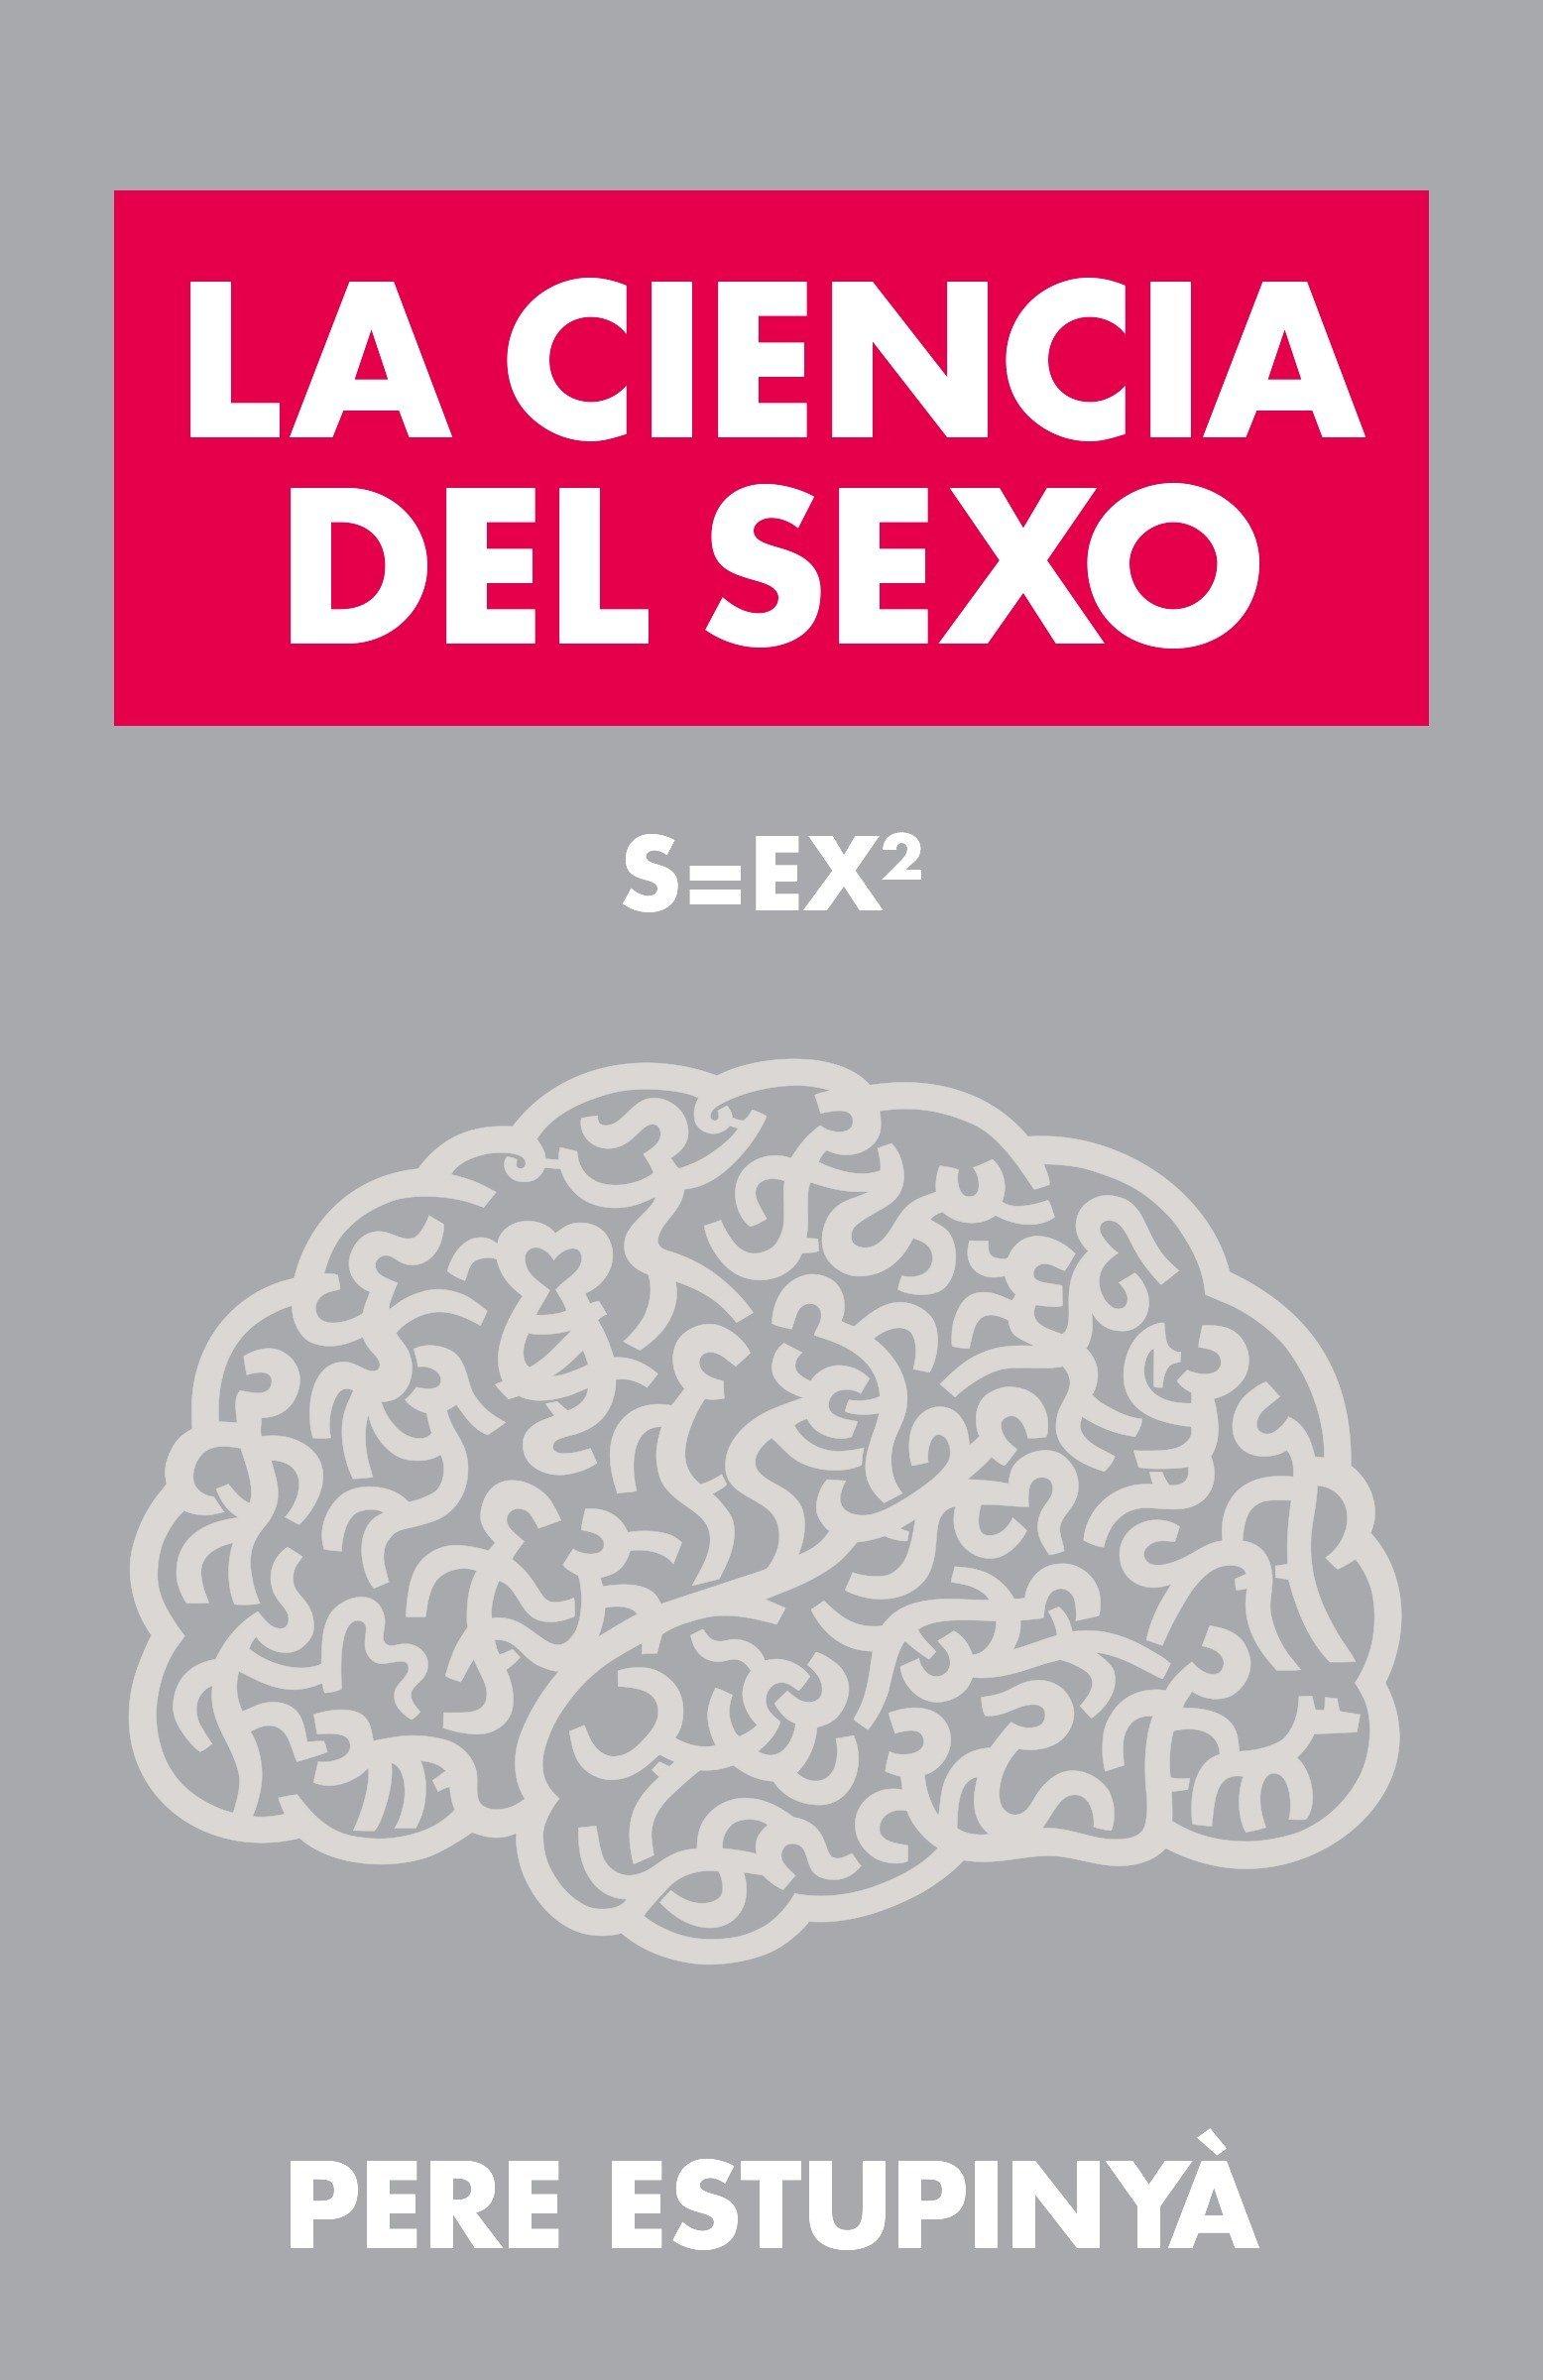 Resultado de imagen para S = EX2 La ciencia del sexo - Pere Estupinyà